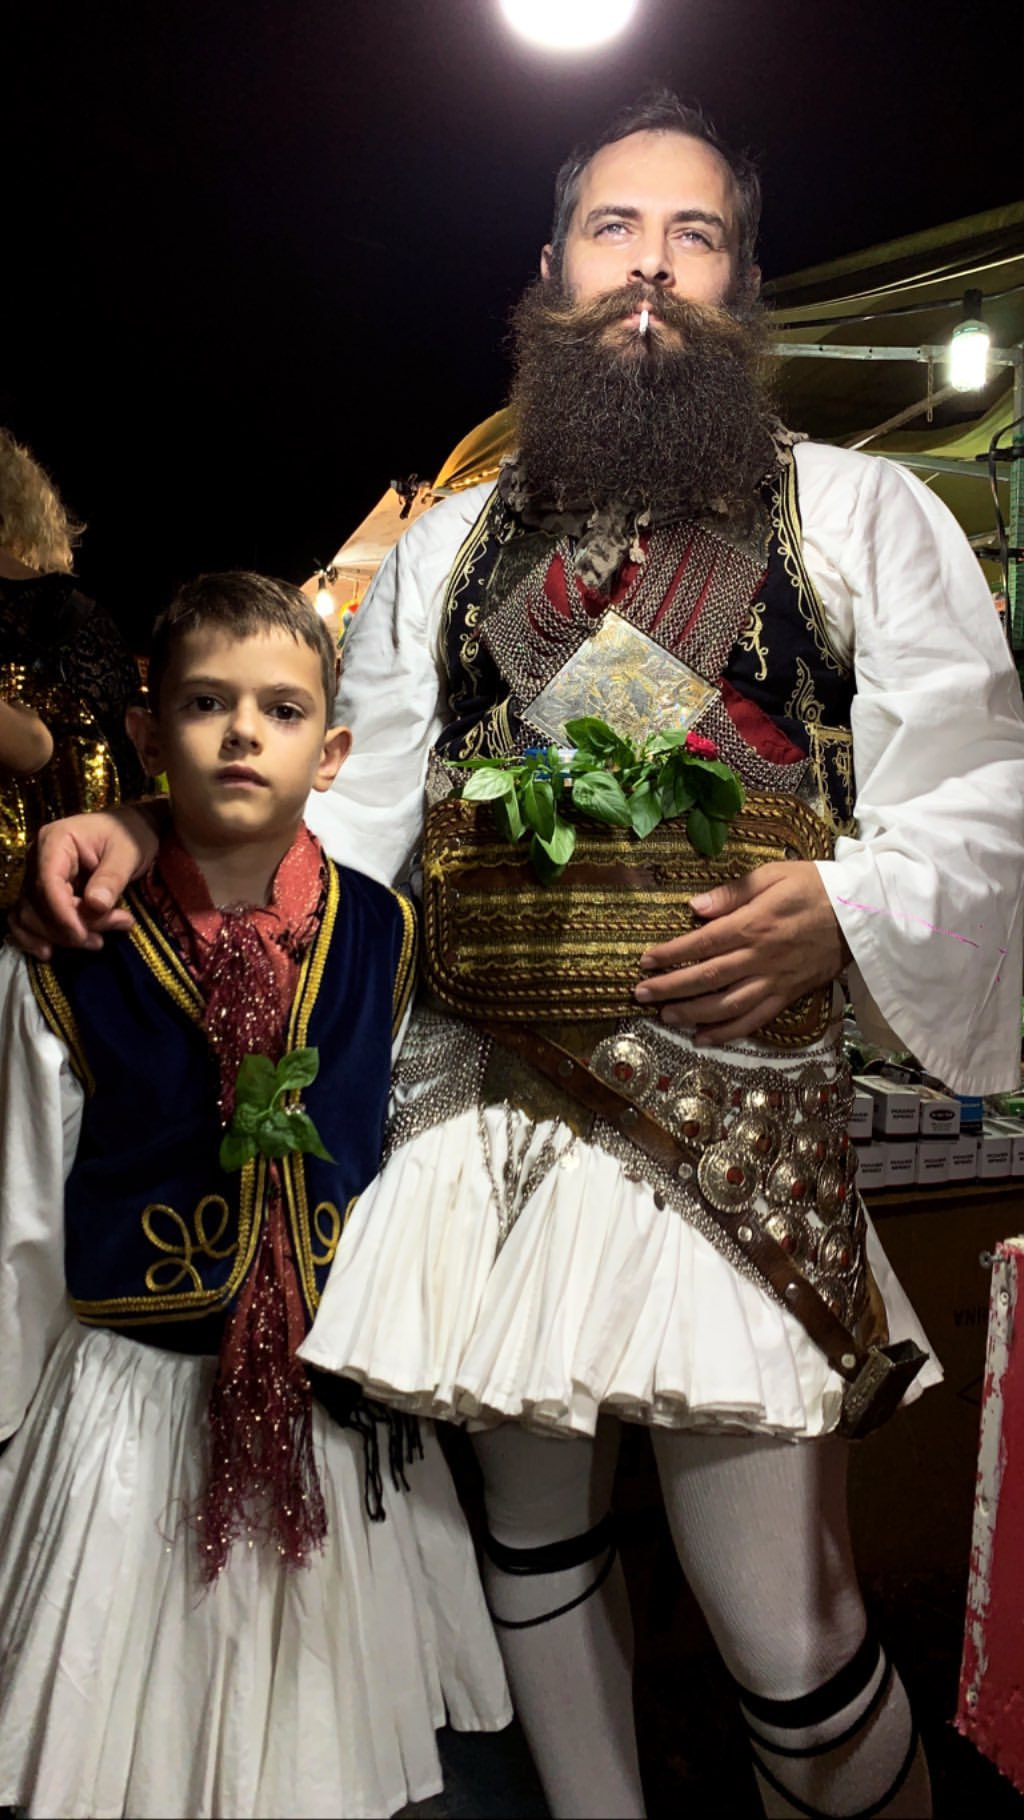 Φουστανελάς με τον γιο του στο πανηγύρι της Αγίας Αγάθης στα Σταμνά